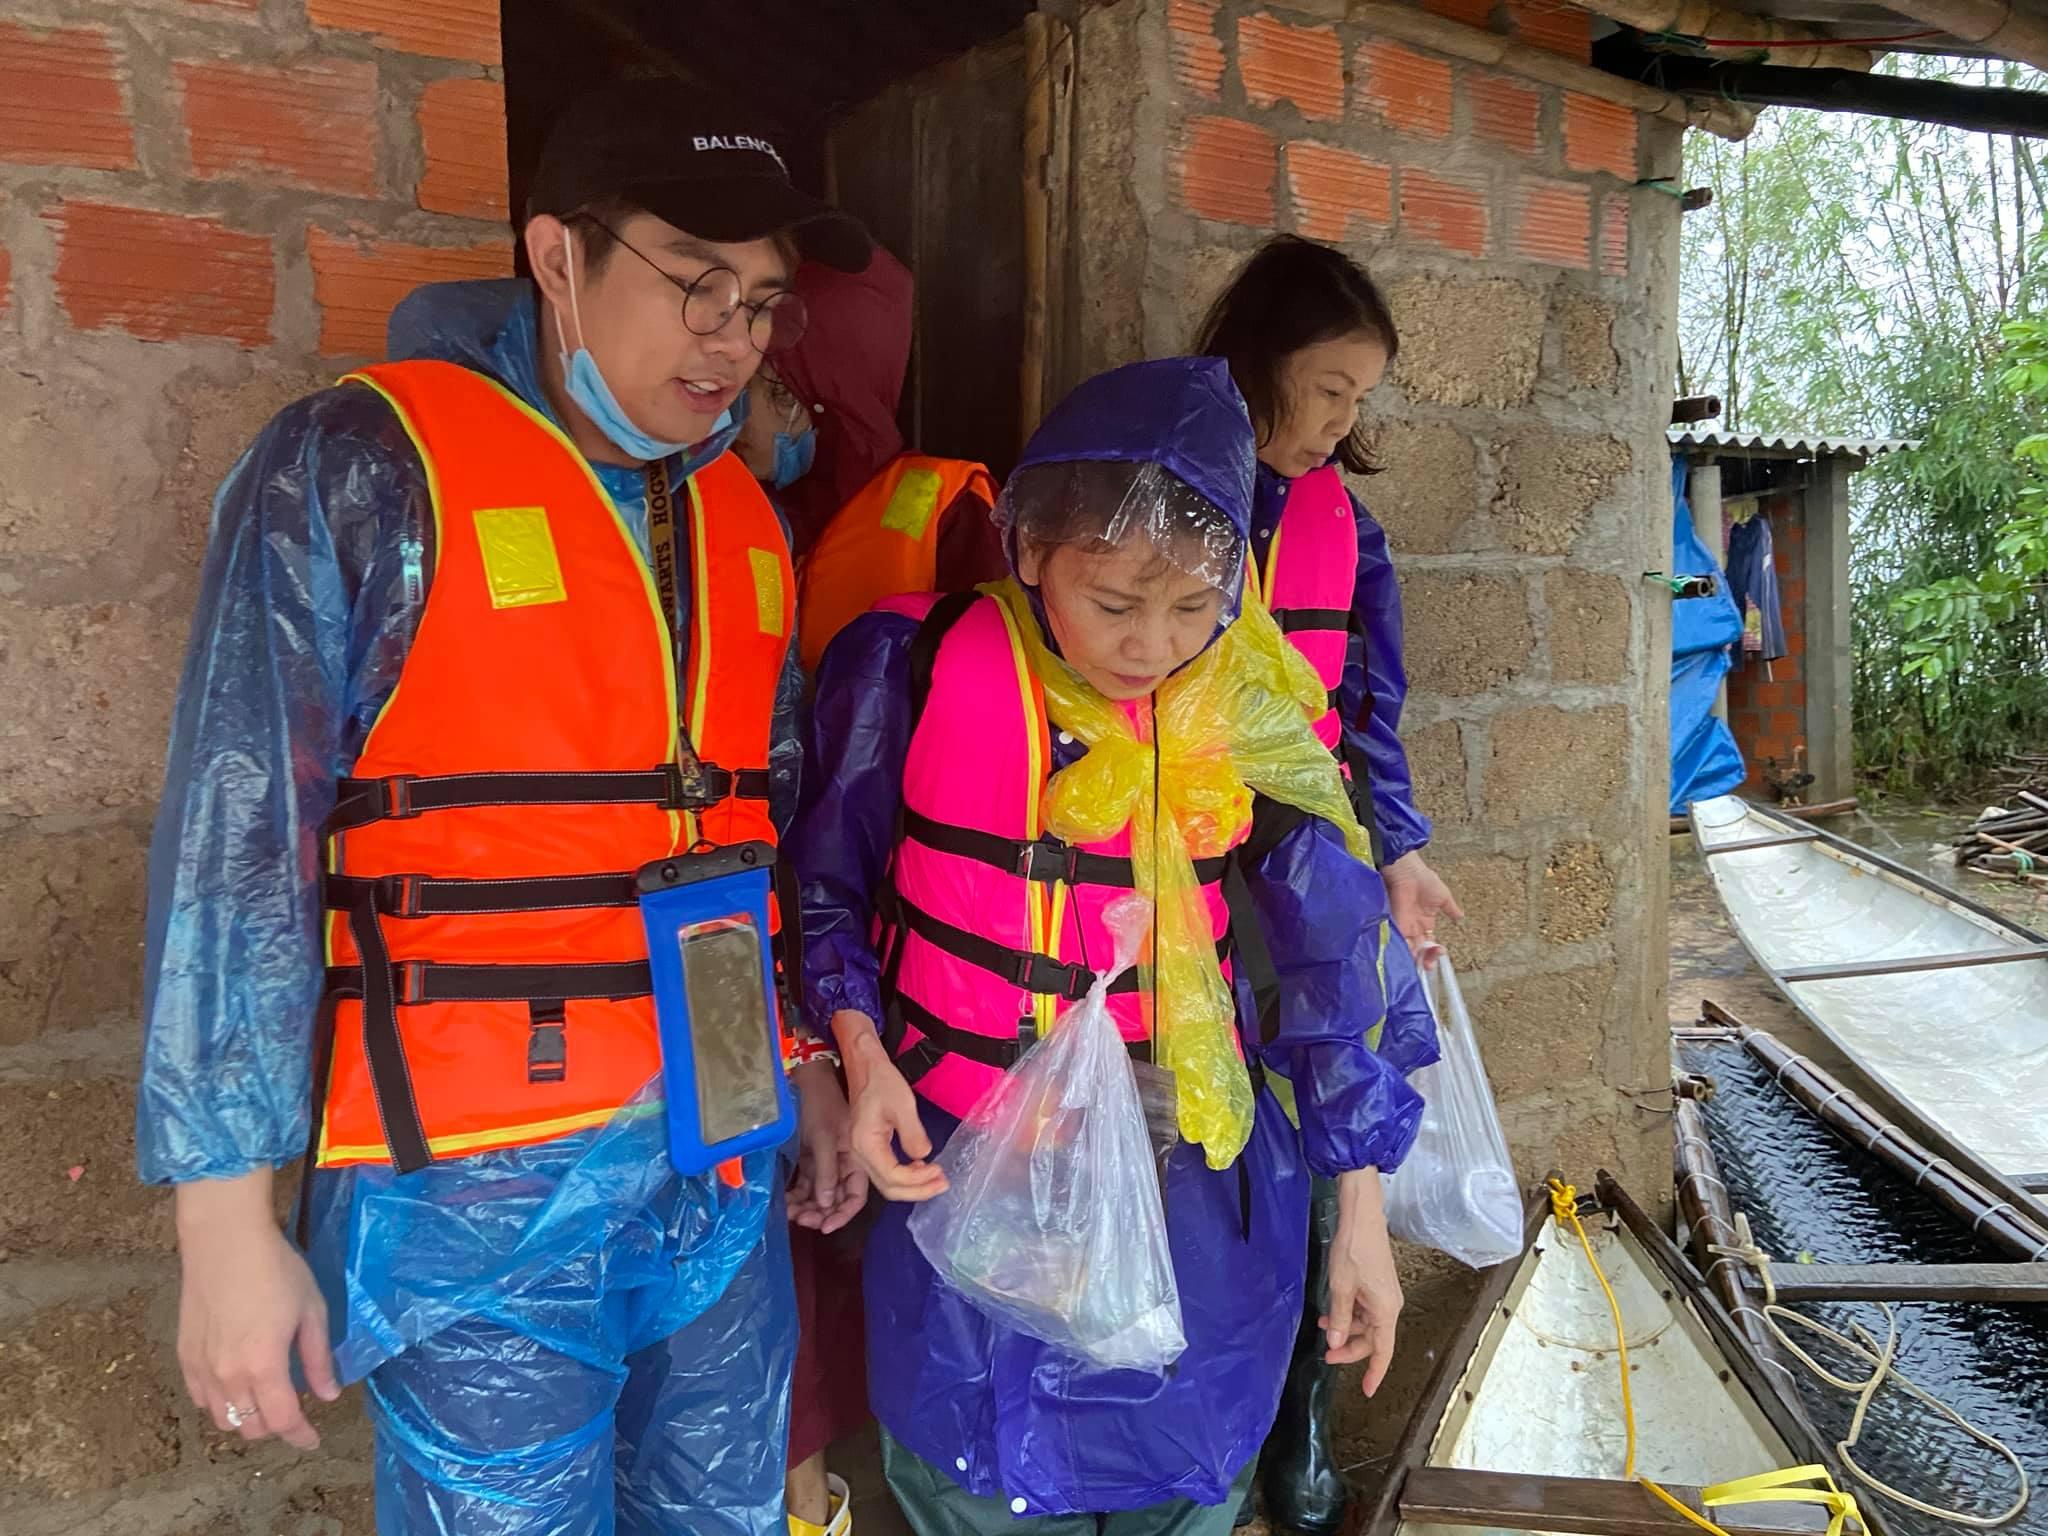 Mẹ Hồ Ngọc Hà 63 tuổi vẫn ngồi xuồng, lội nước đi cứu trợ từng nhà ở vùng ngập sâu Quảng Trị - Ảnh 4.